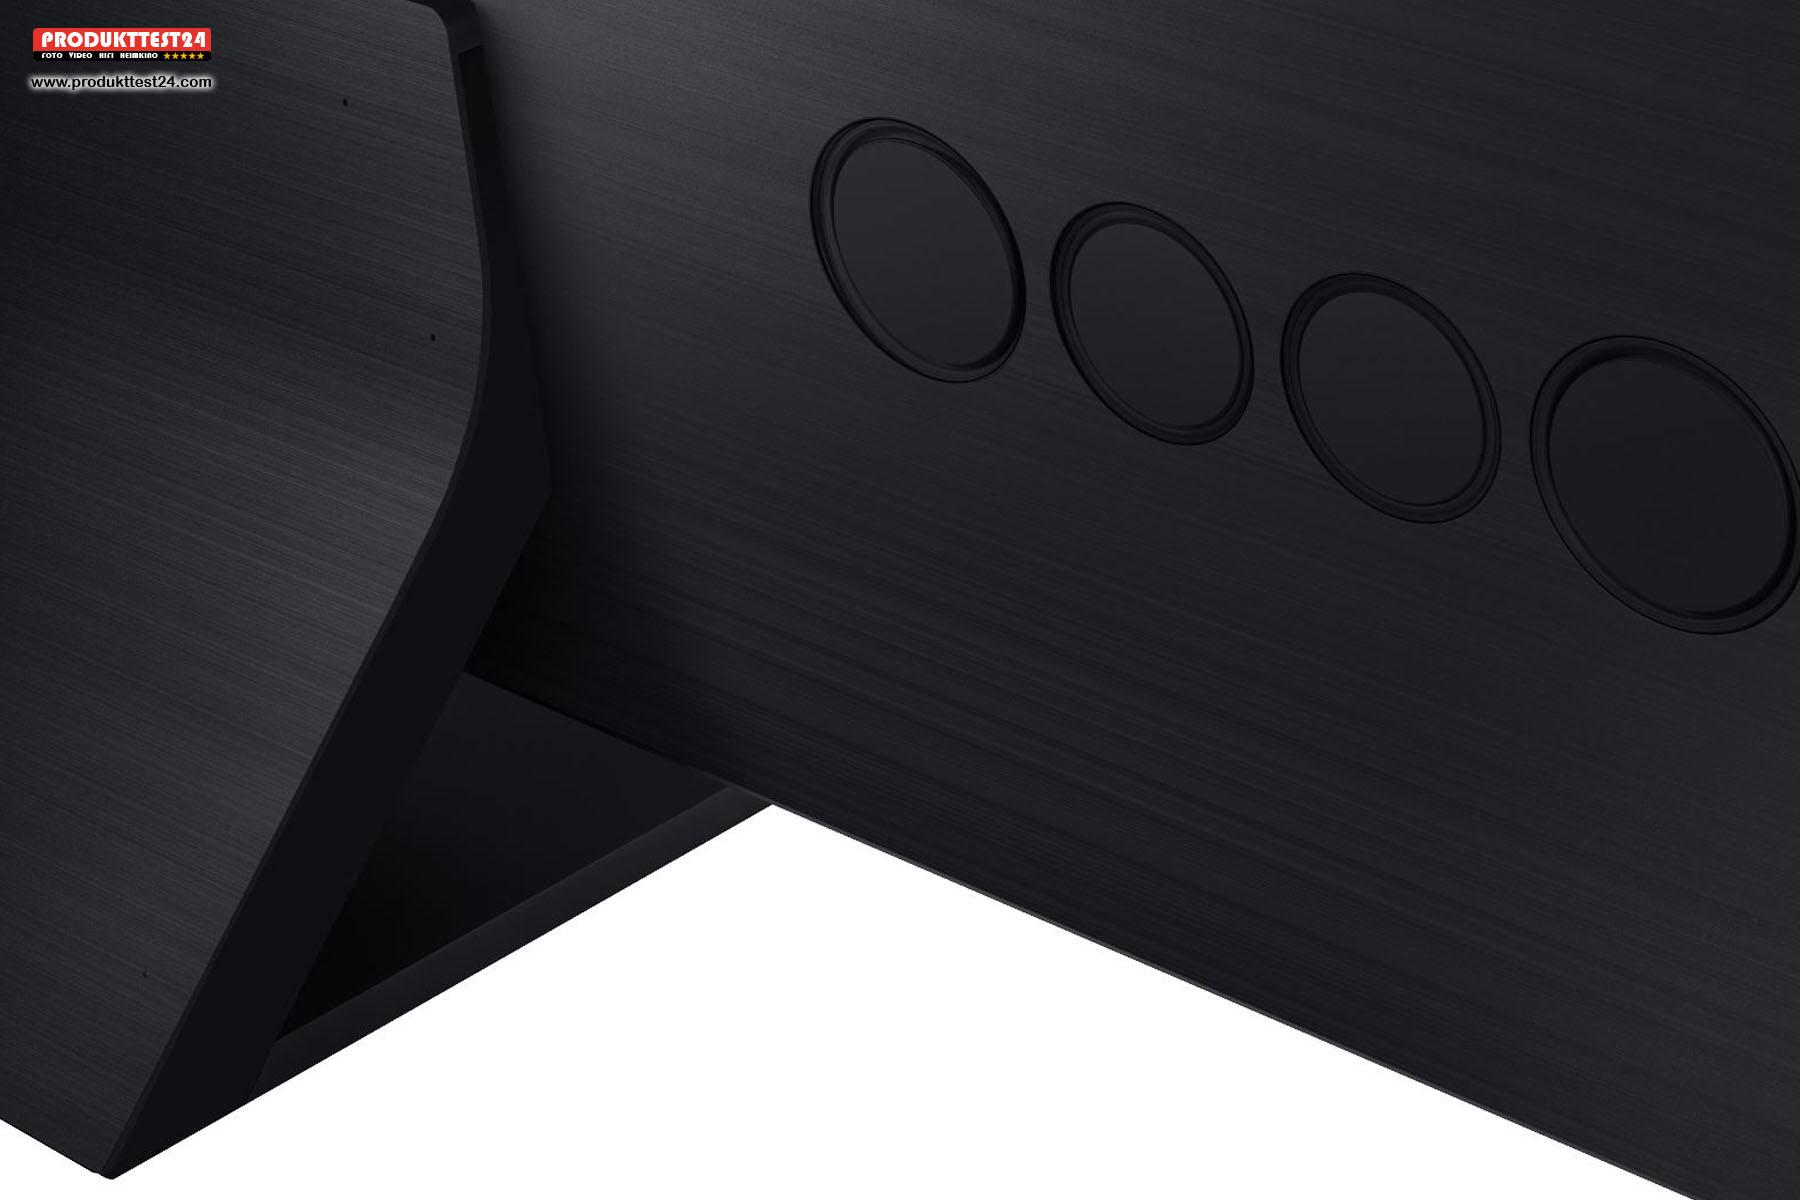 Das eingebaute Soundsystem des Samsung Q950T sorgt für einen satten Sound.